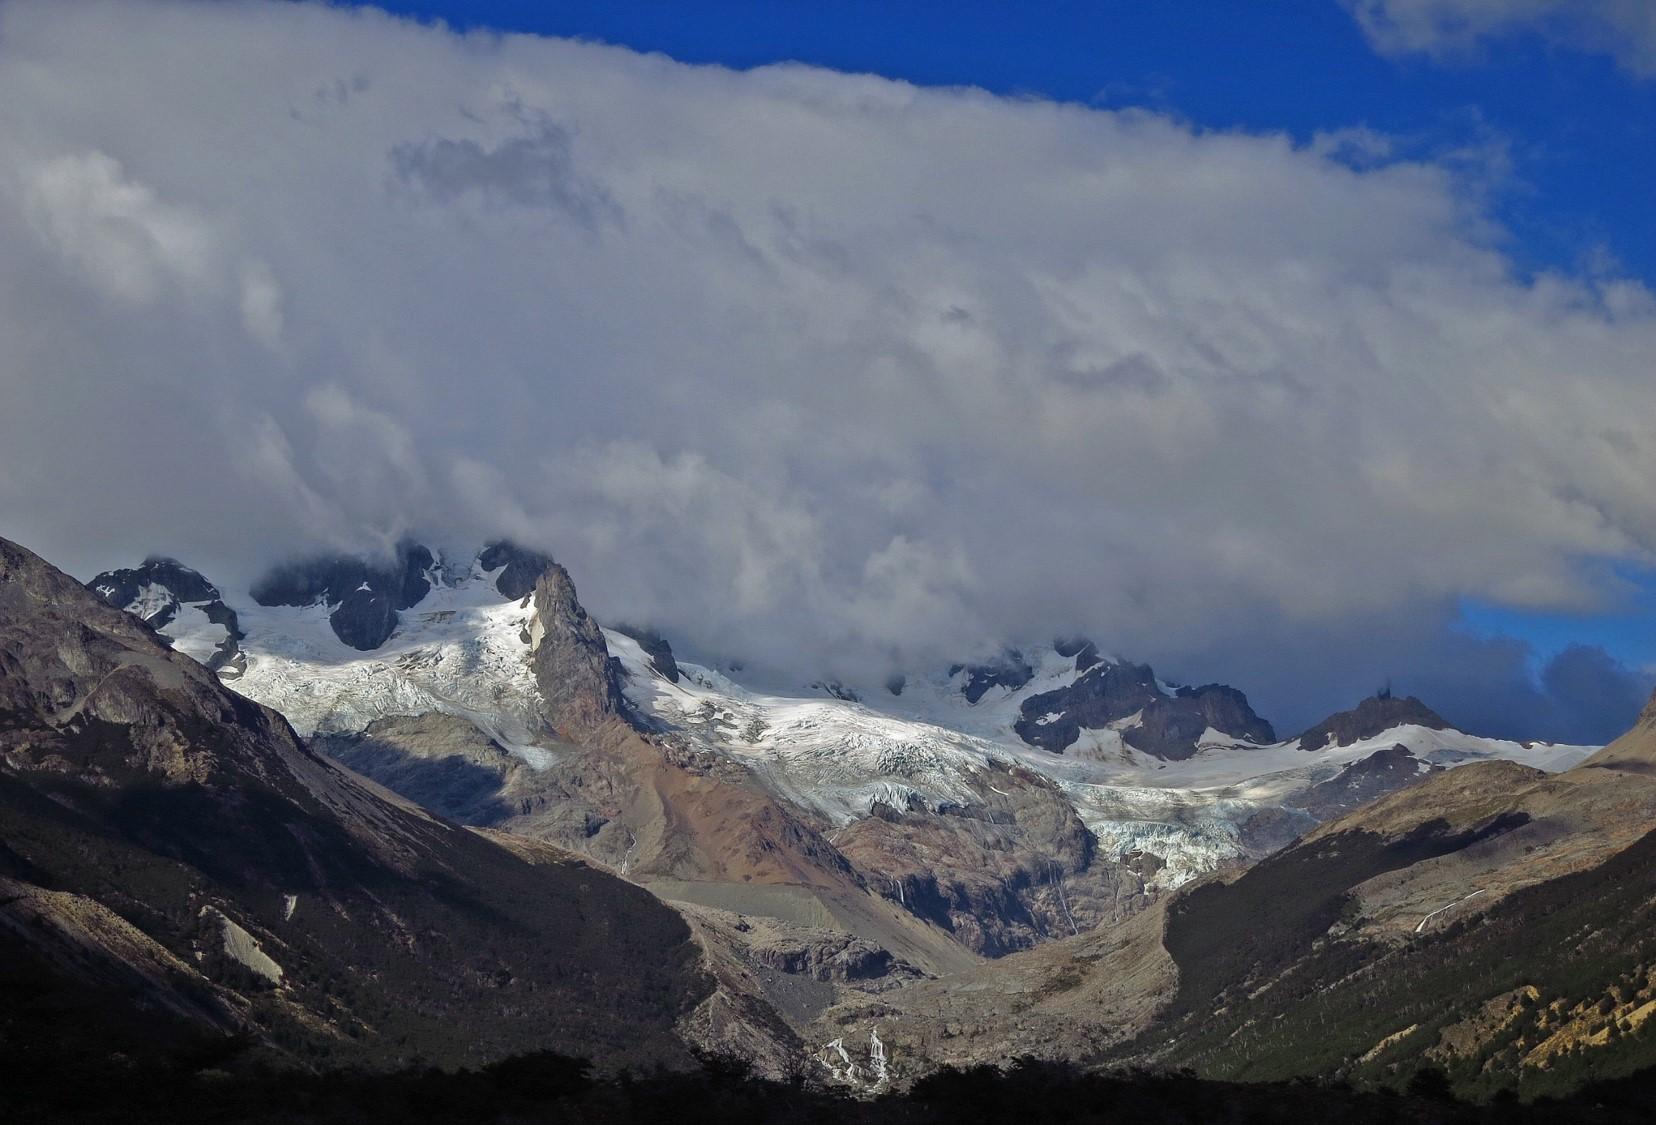 Clouds in Mt. San Lorenzo.